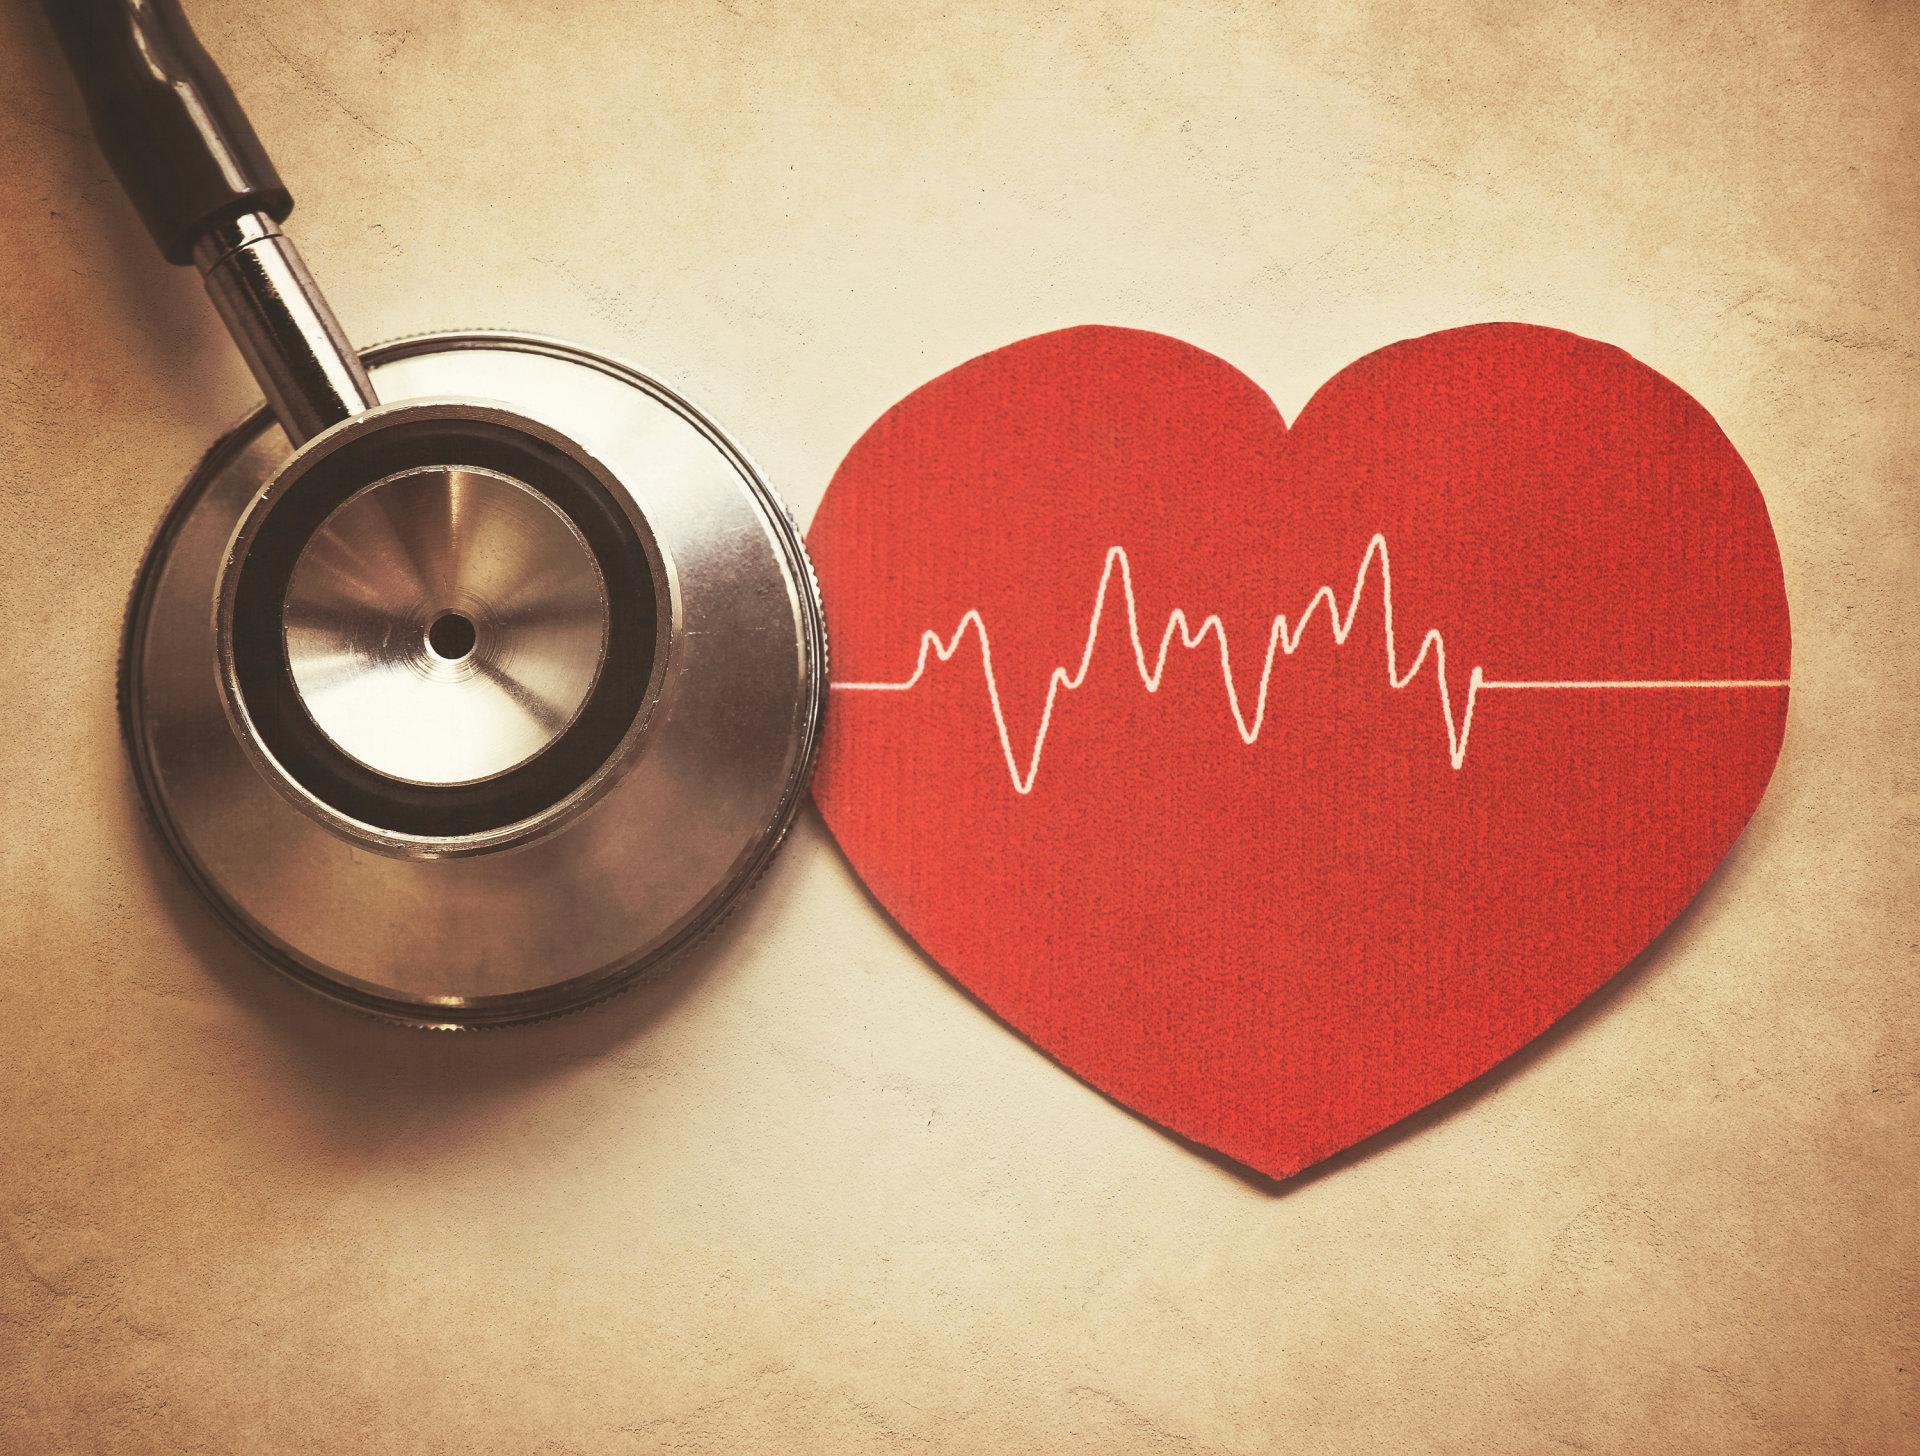 5 patikrinti būdai apsaugoti savo širdį - Aktualijos - Ligos, sveikata, vaistai - mul.lt